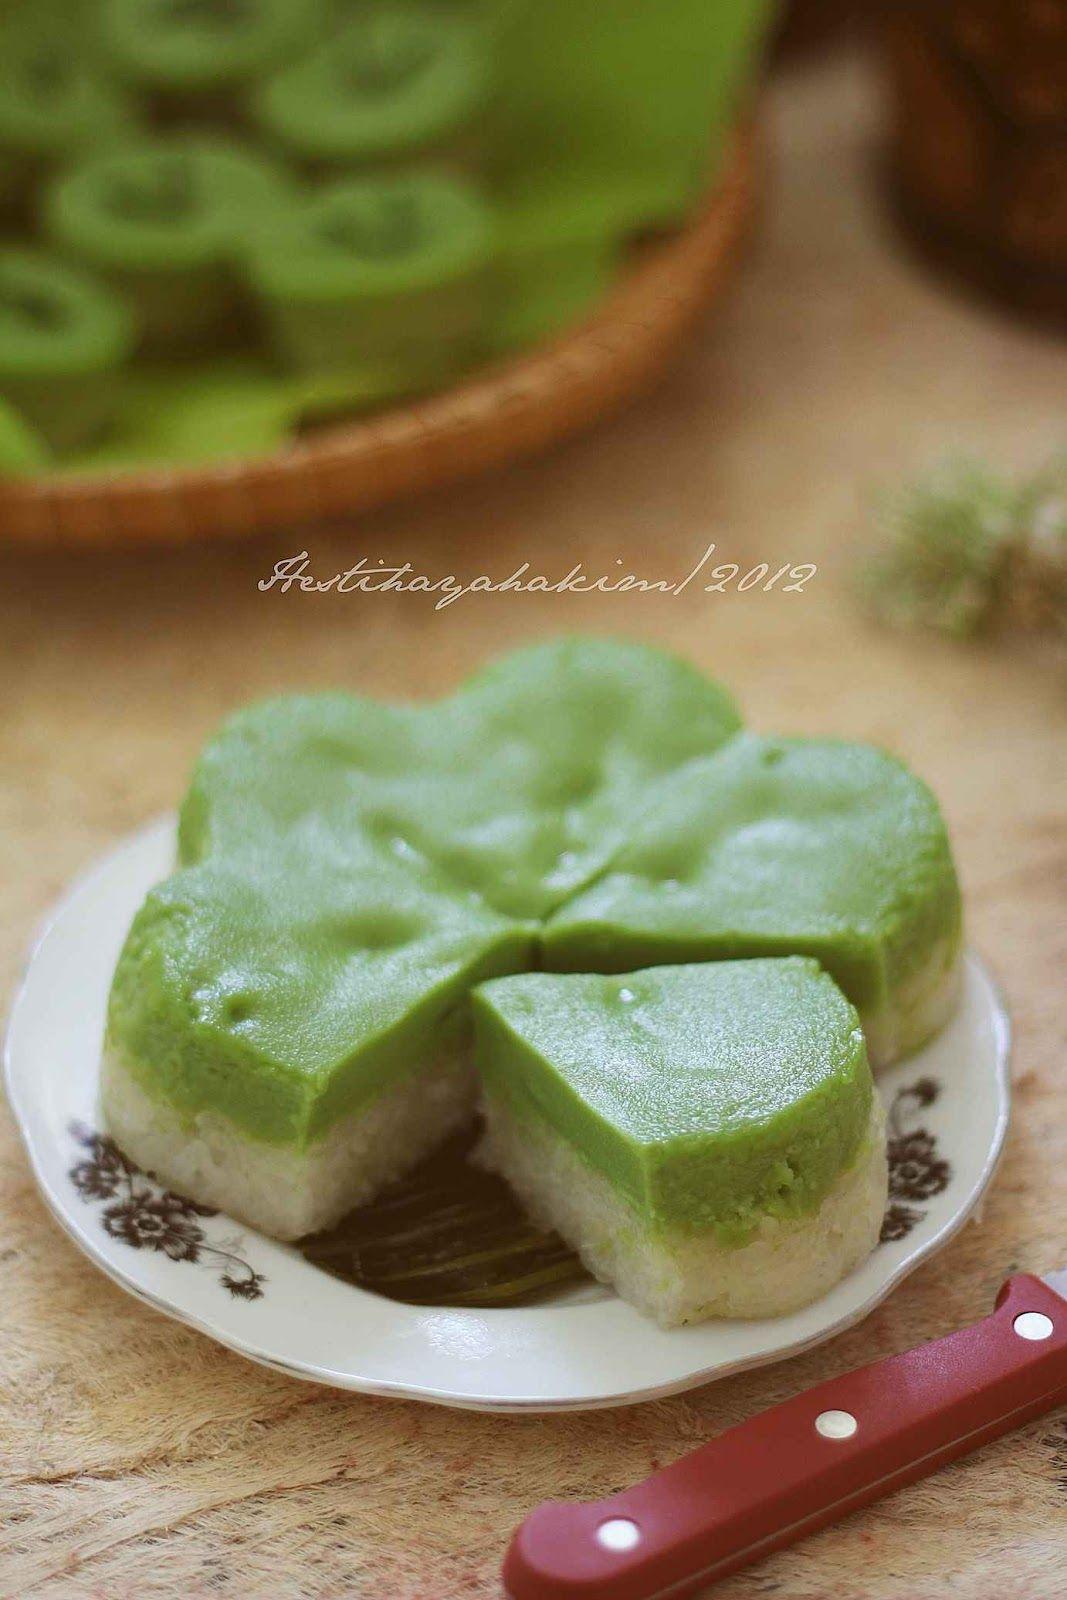 Hesti S Kitchen Yummy For Your Tummy Lapis Ketan Sarikaya Pandan Makanan Dan Minuman Makanan Kue Camilan